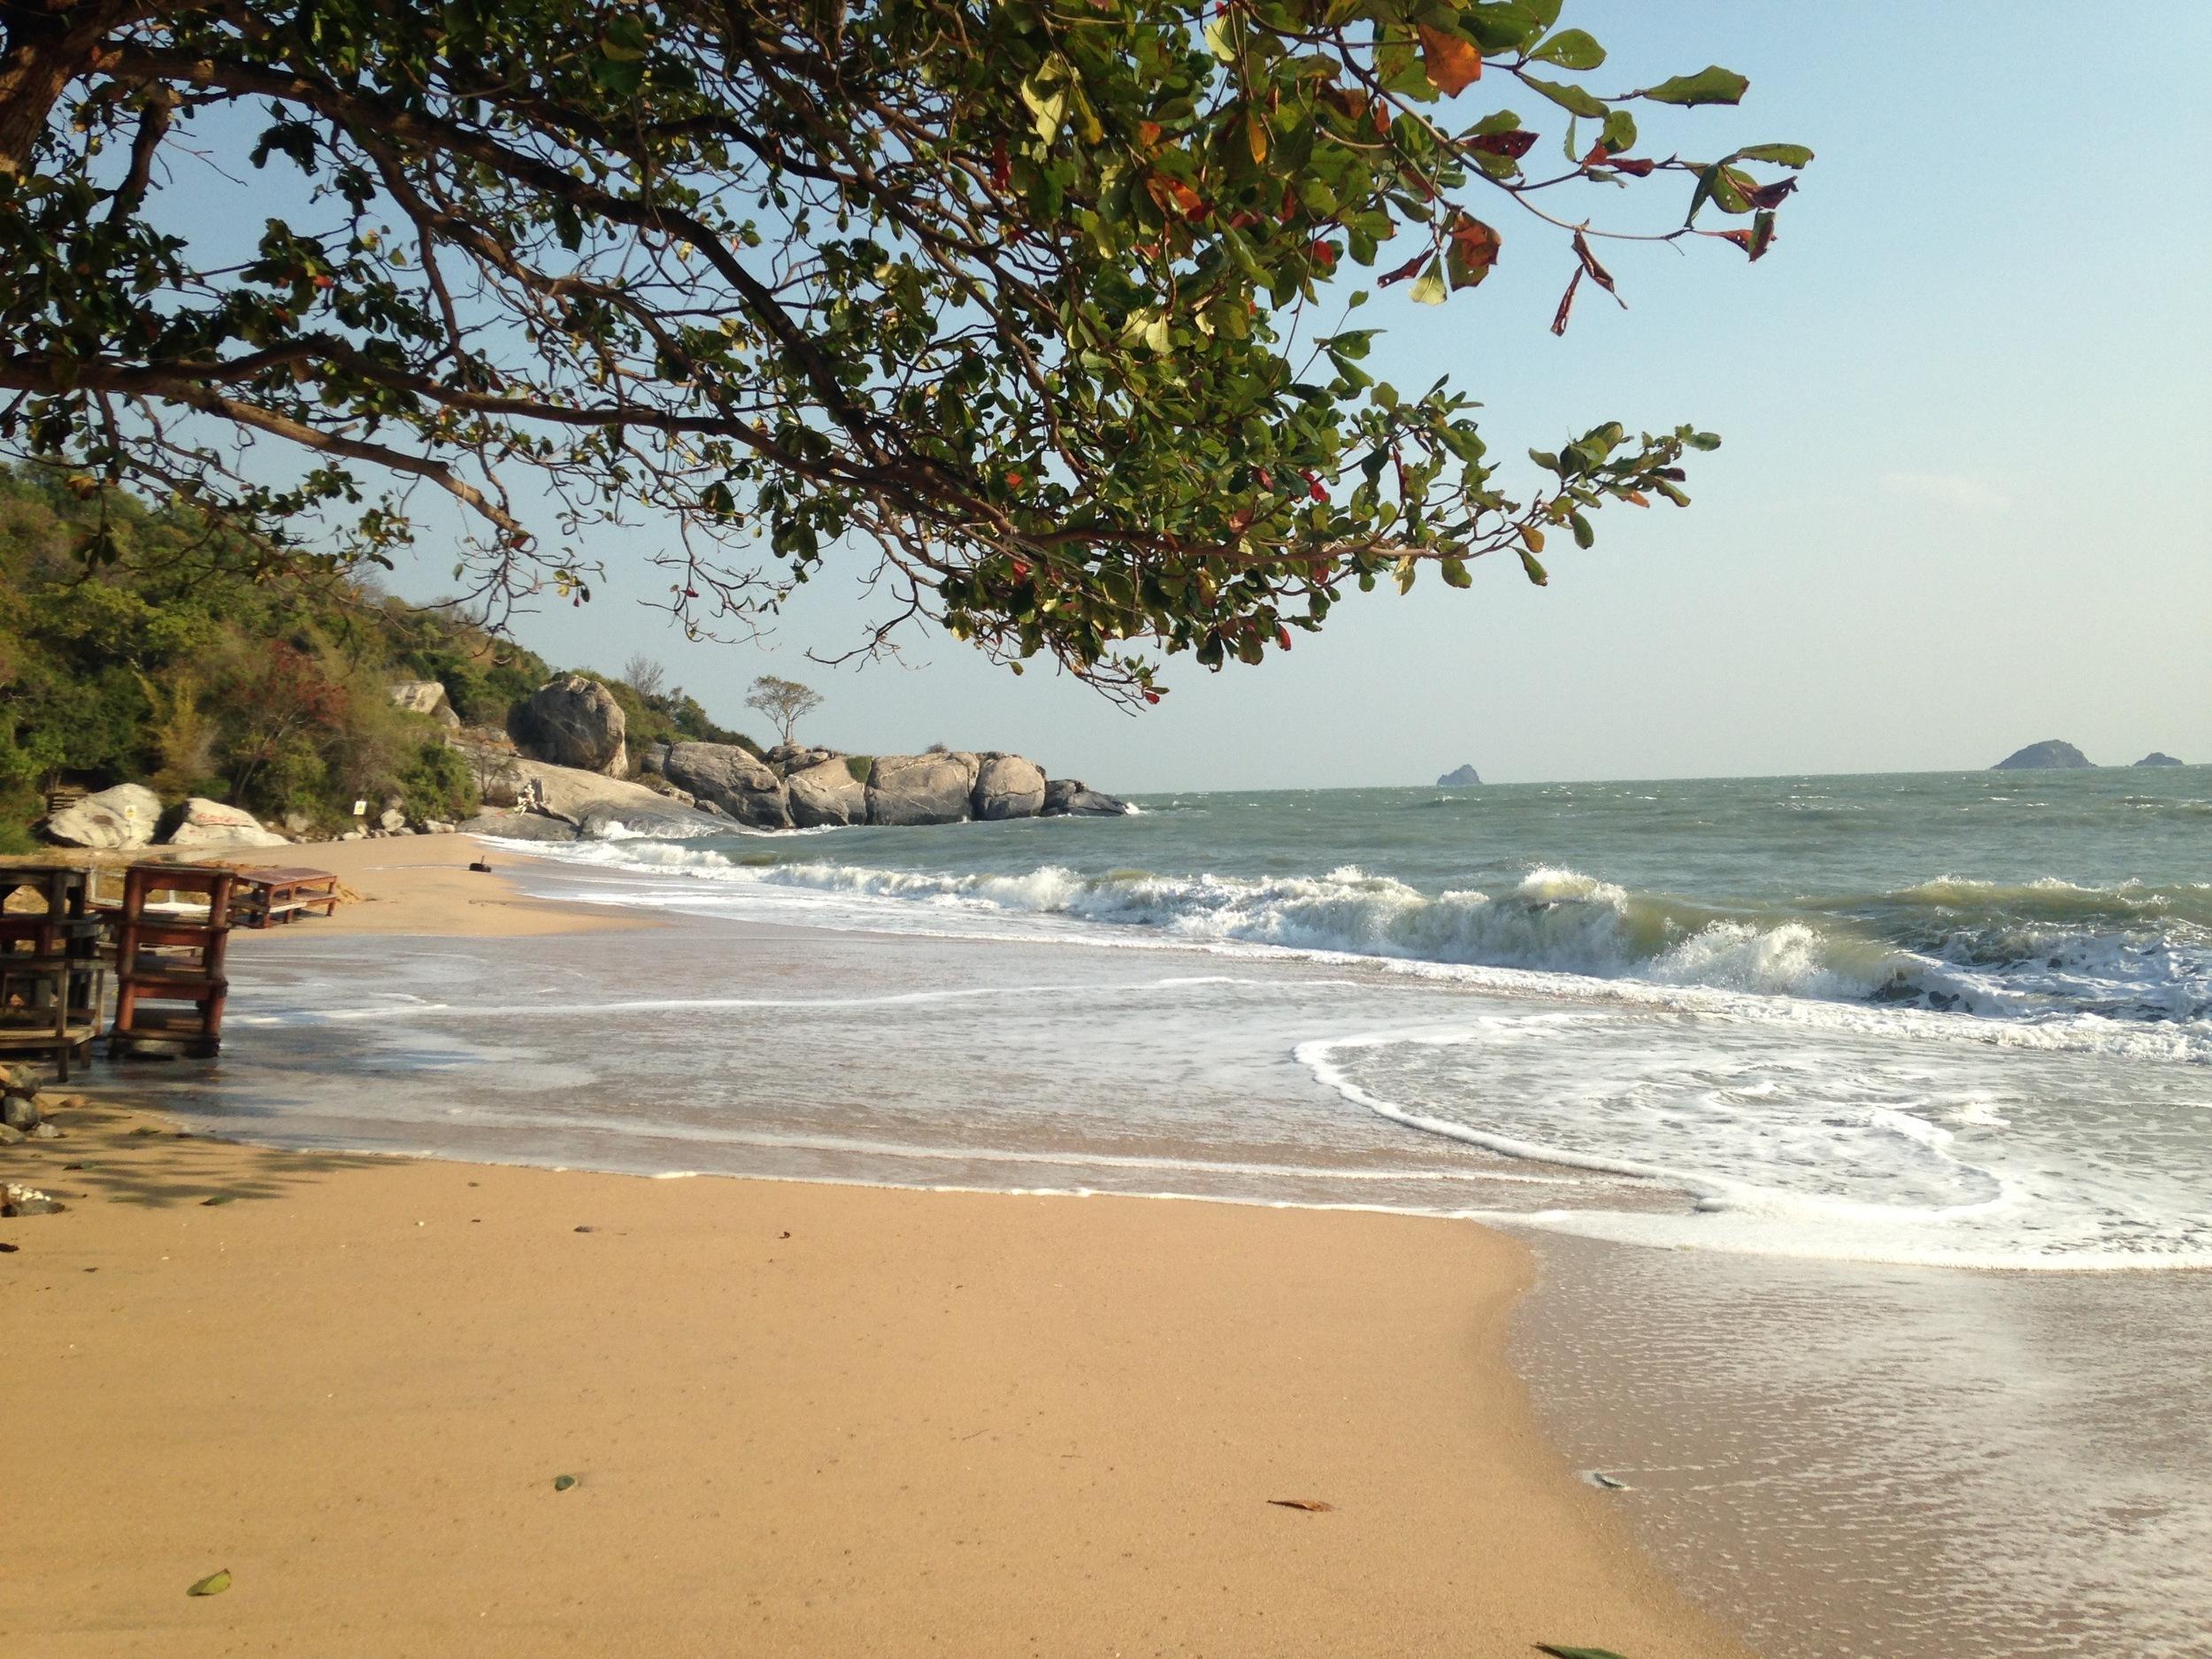 thailand-beach-retreat-detox-health.jpg